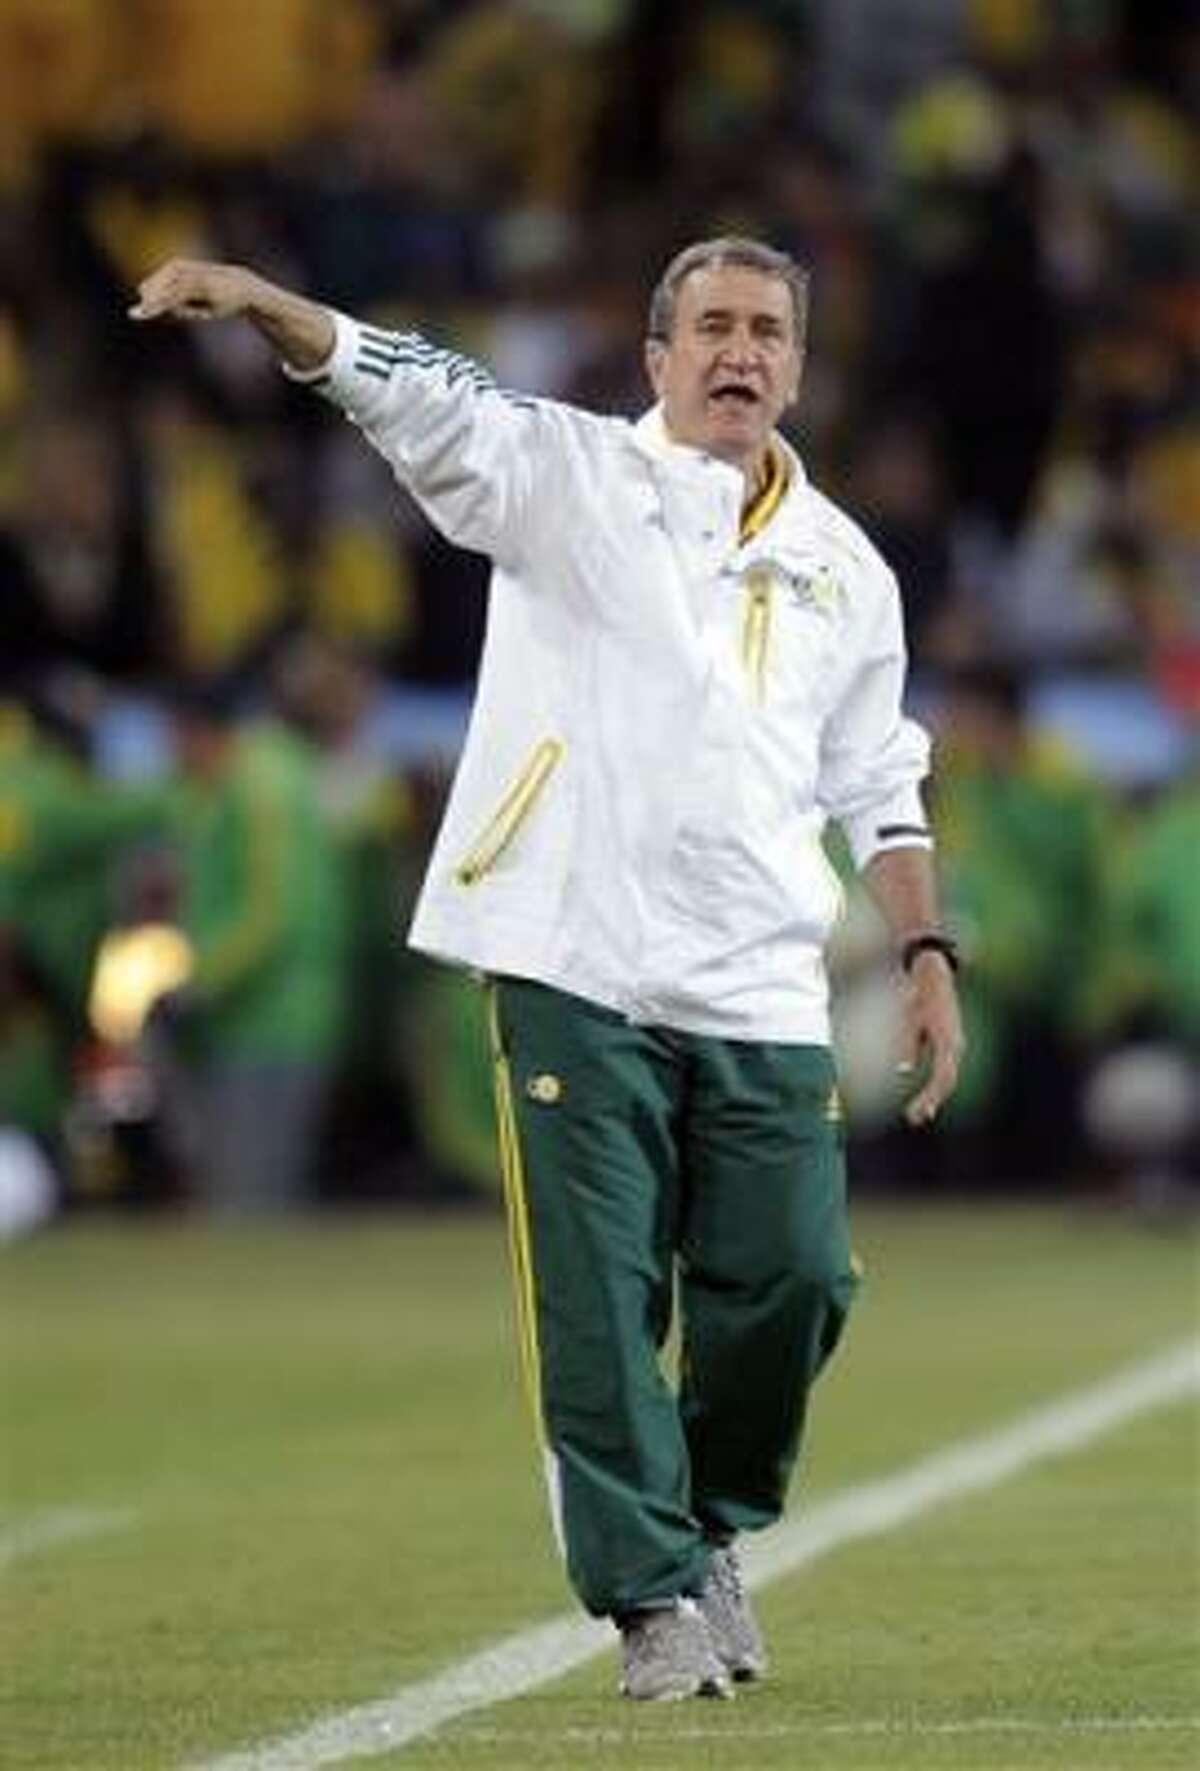 El técnico de Sudáfrica Carlos Alberto Parreira gesticula durante el partido contra México por la Copa del Mundo, el viernes 11 de junio de 2010.